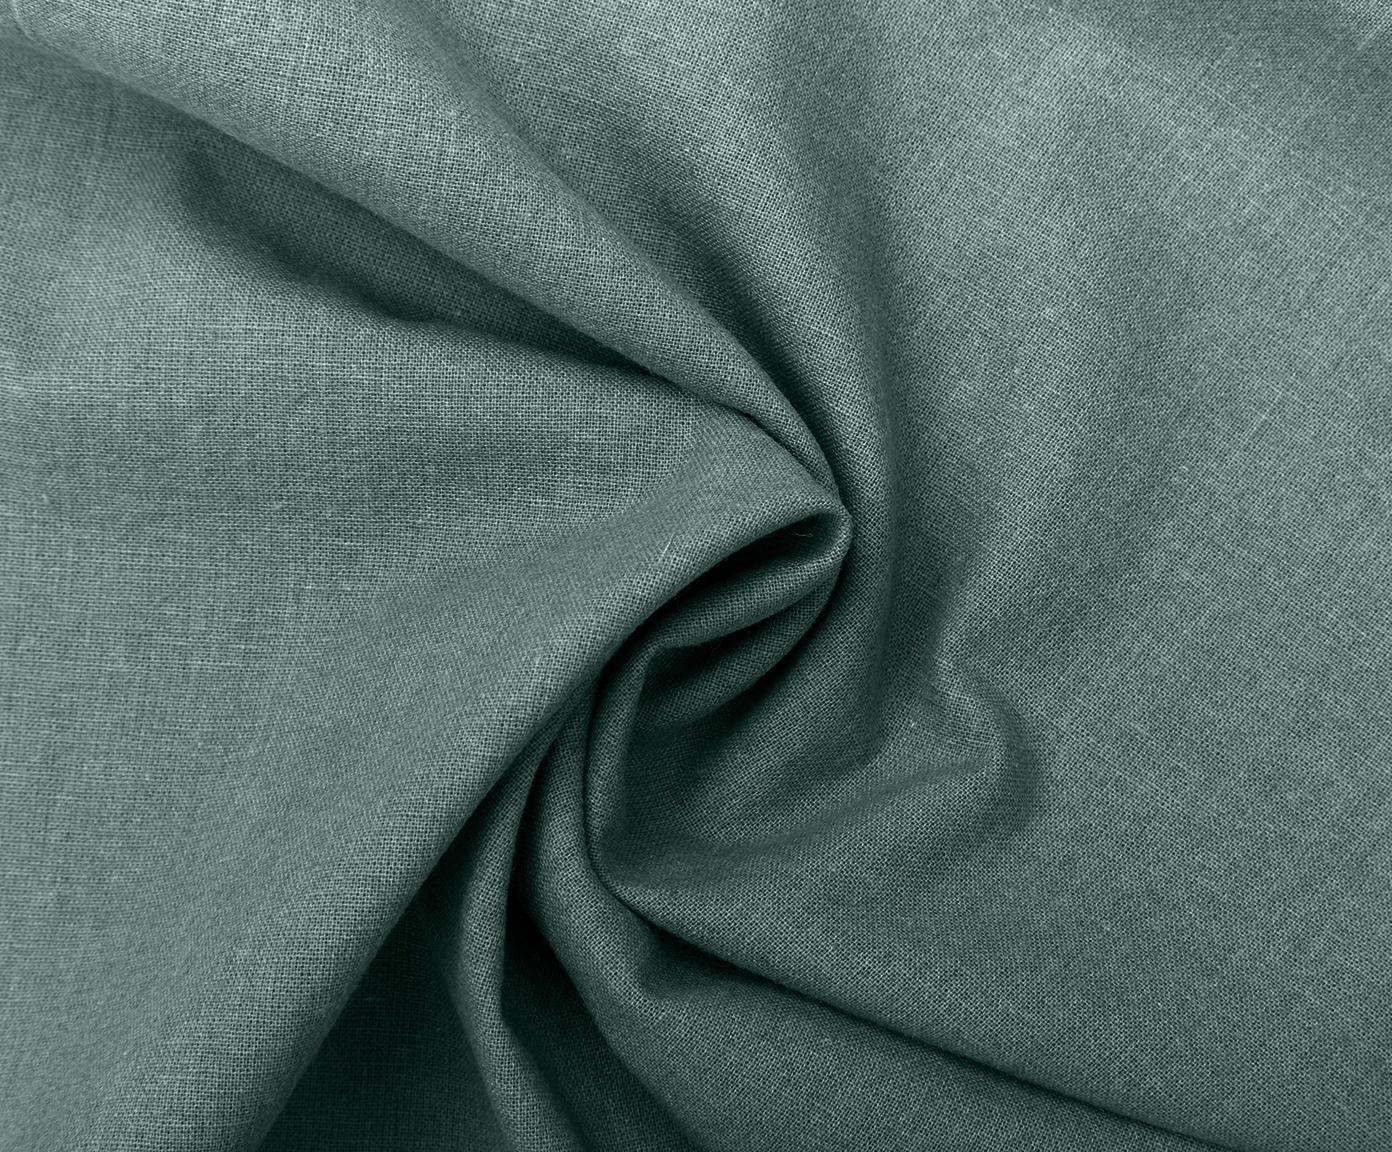 Pościel z bawełny z efektem sprania Arlene, Ciemnyzielony, 155 x 220 cm